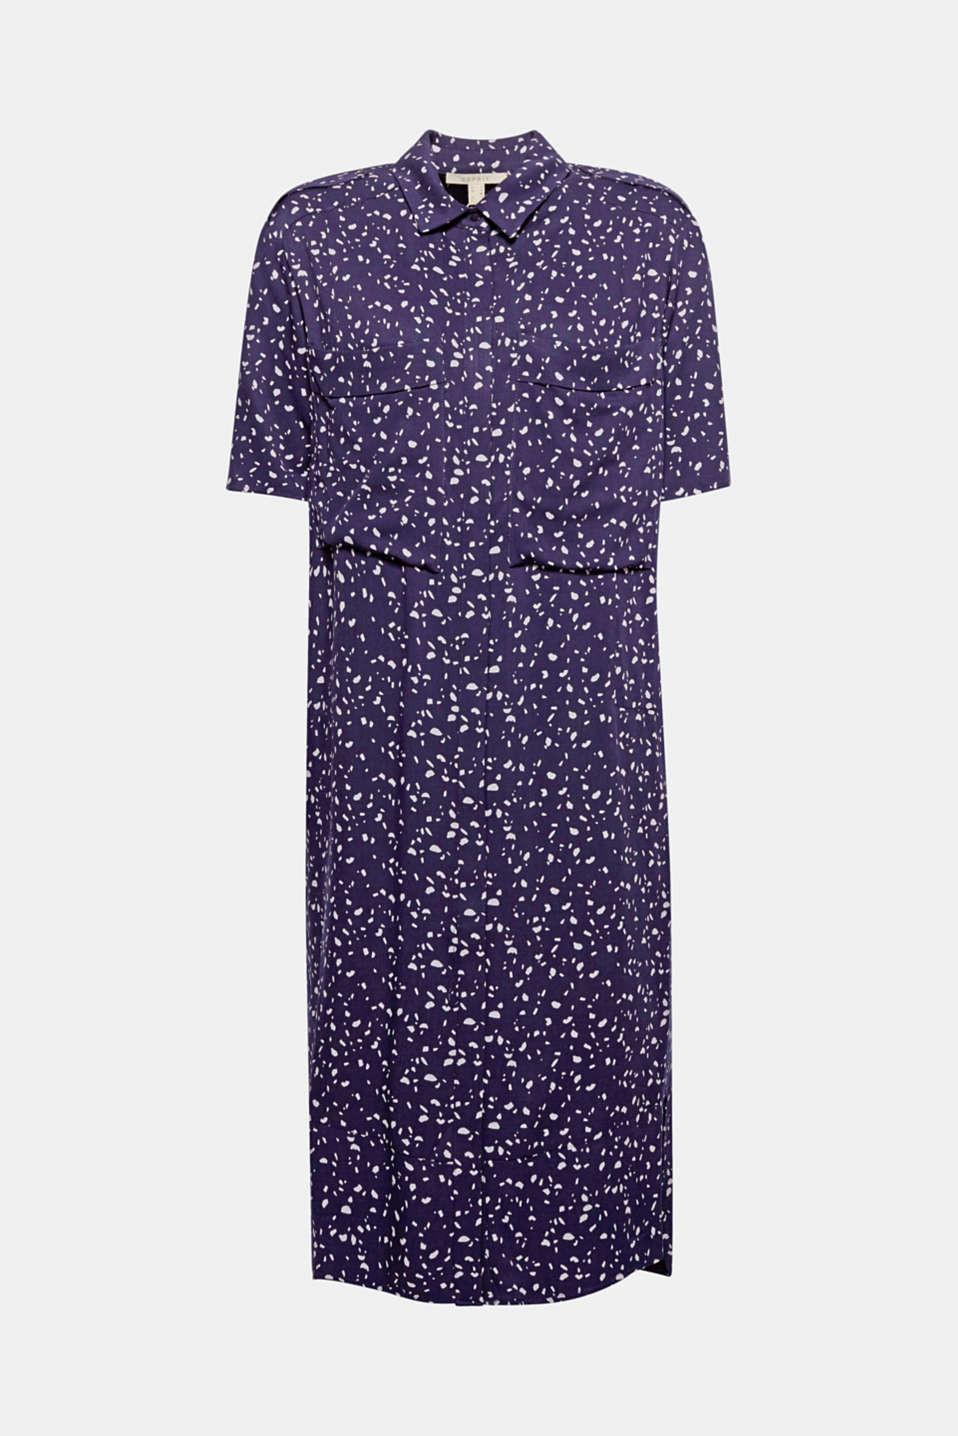 Idéale aussi bien au travail que dans la vie de tous les jours - cette robe chemisier imprimée à poches plaquées vous fait un look impeccable tout au long de la journée.